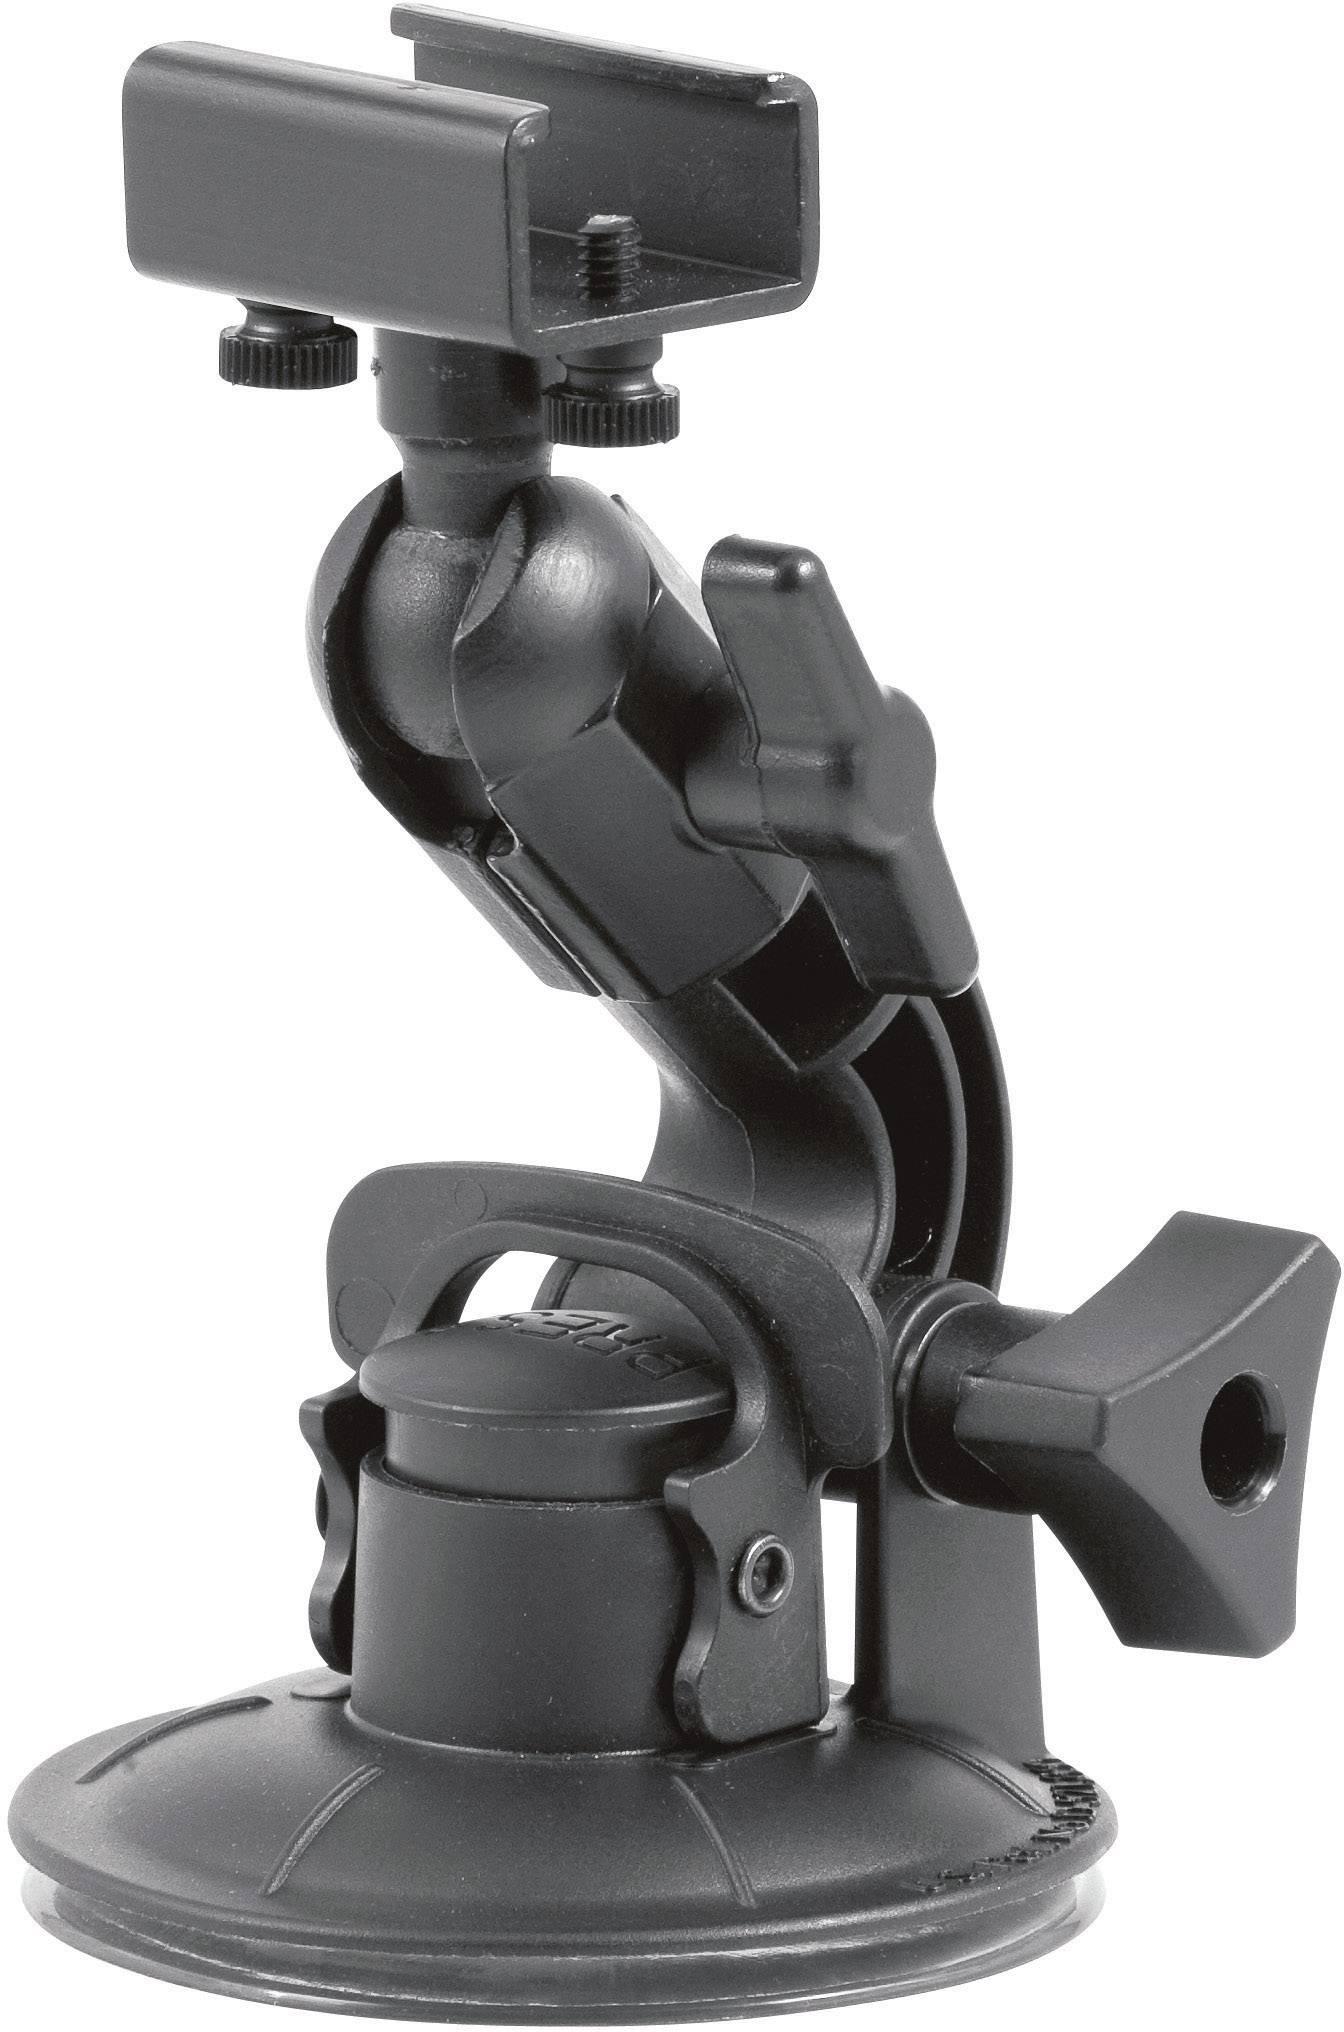 Príslušenstvo pre akčné, športové a outdoorové kamery